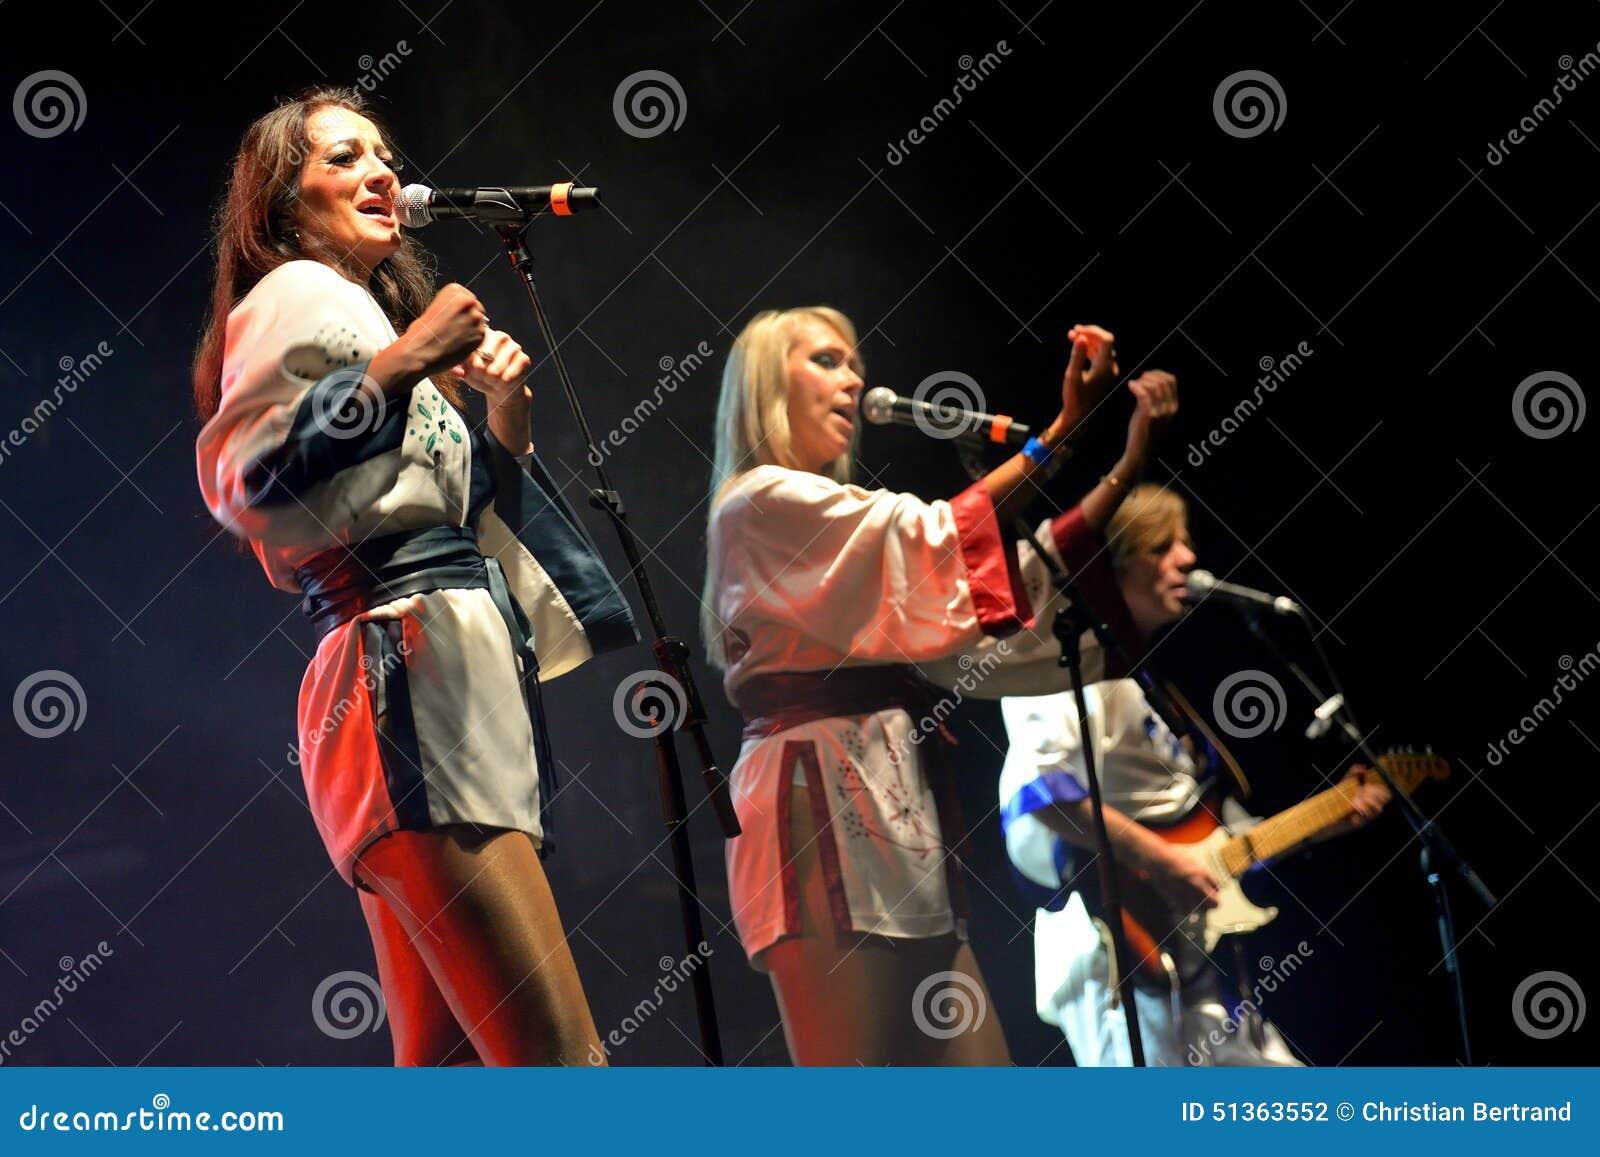 Bjorn Again (tributo da faixa a ABBA) executa no renascimento dourado